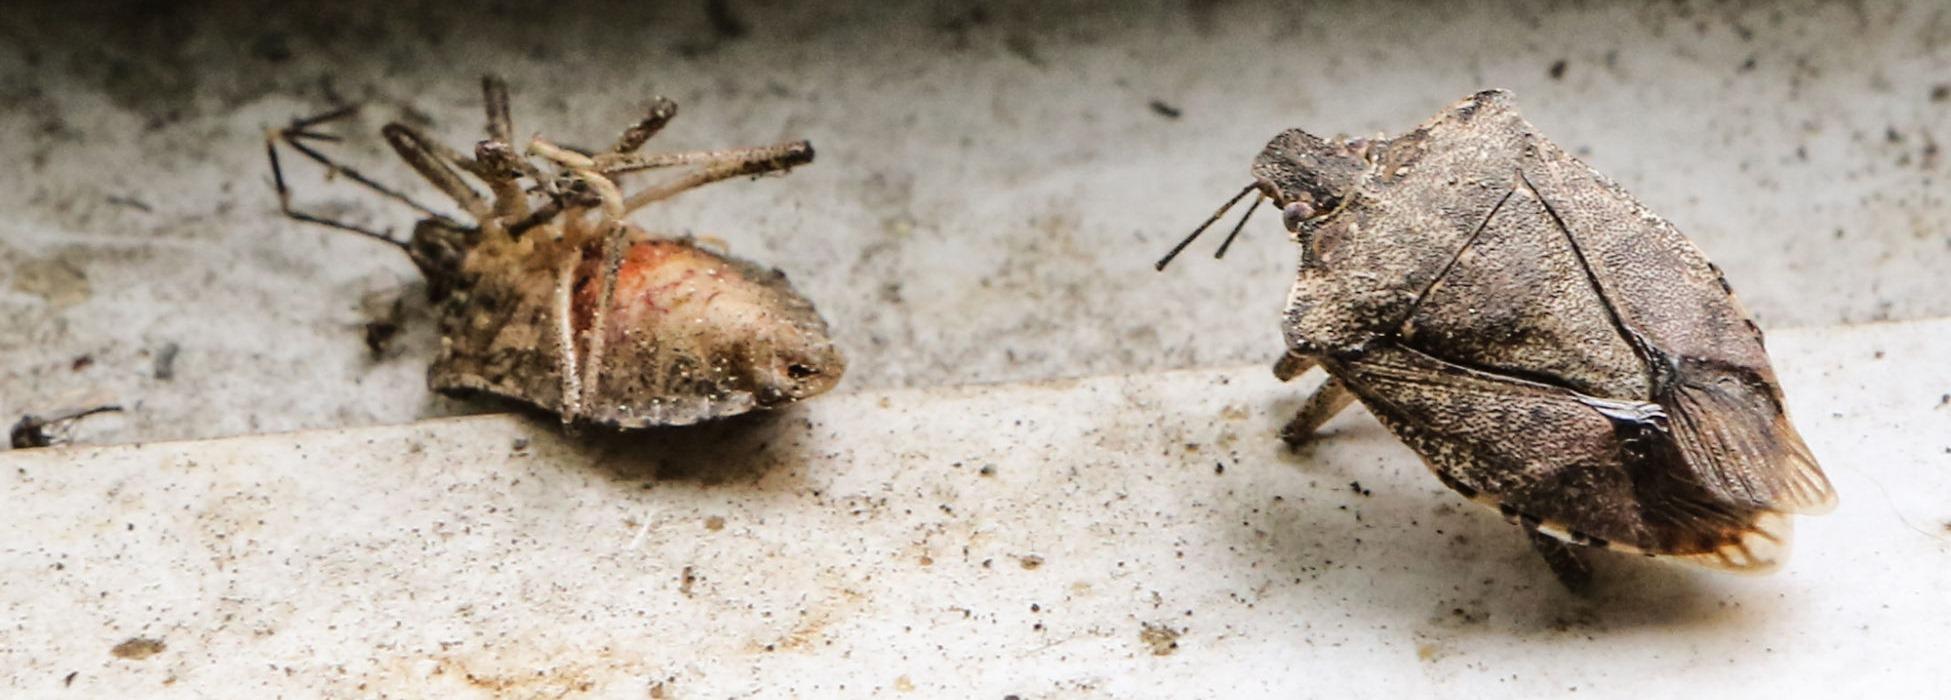 коричнево-мраморный клоп как бороться дома и на участке